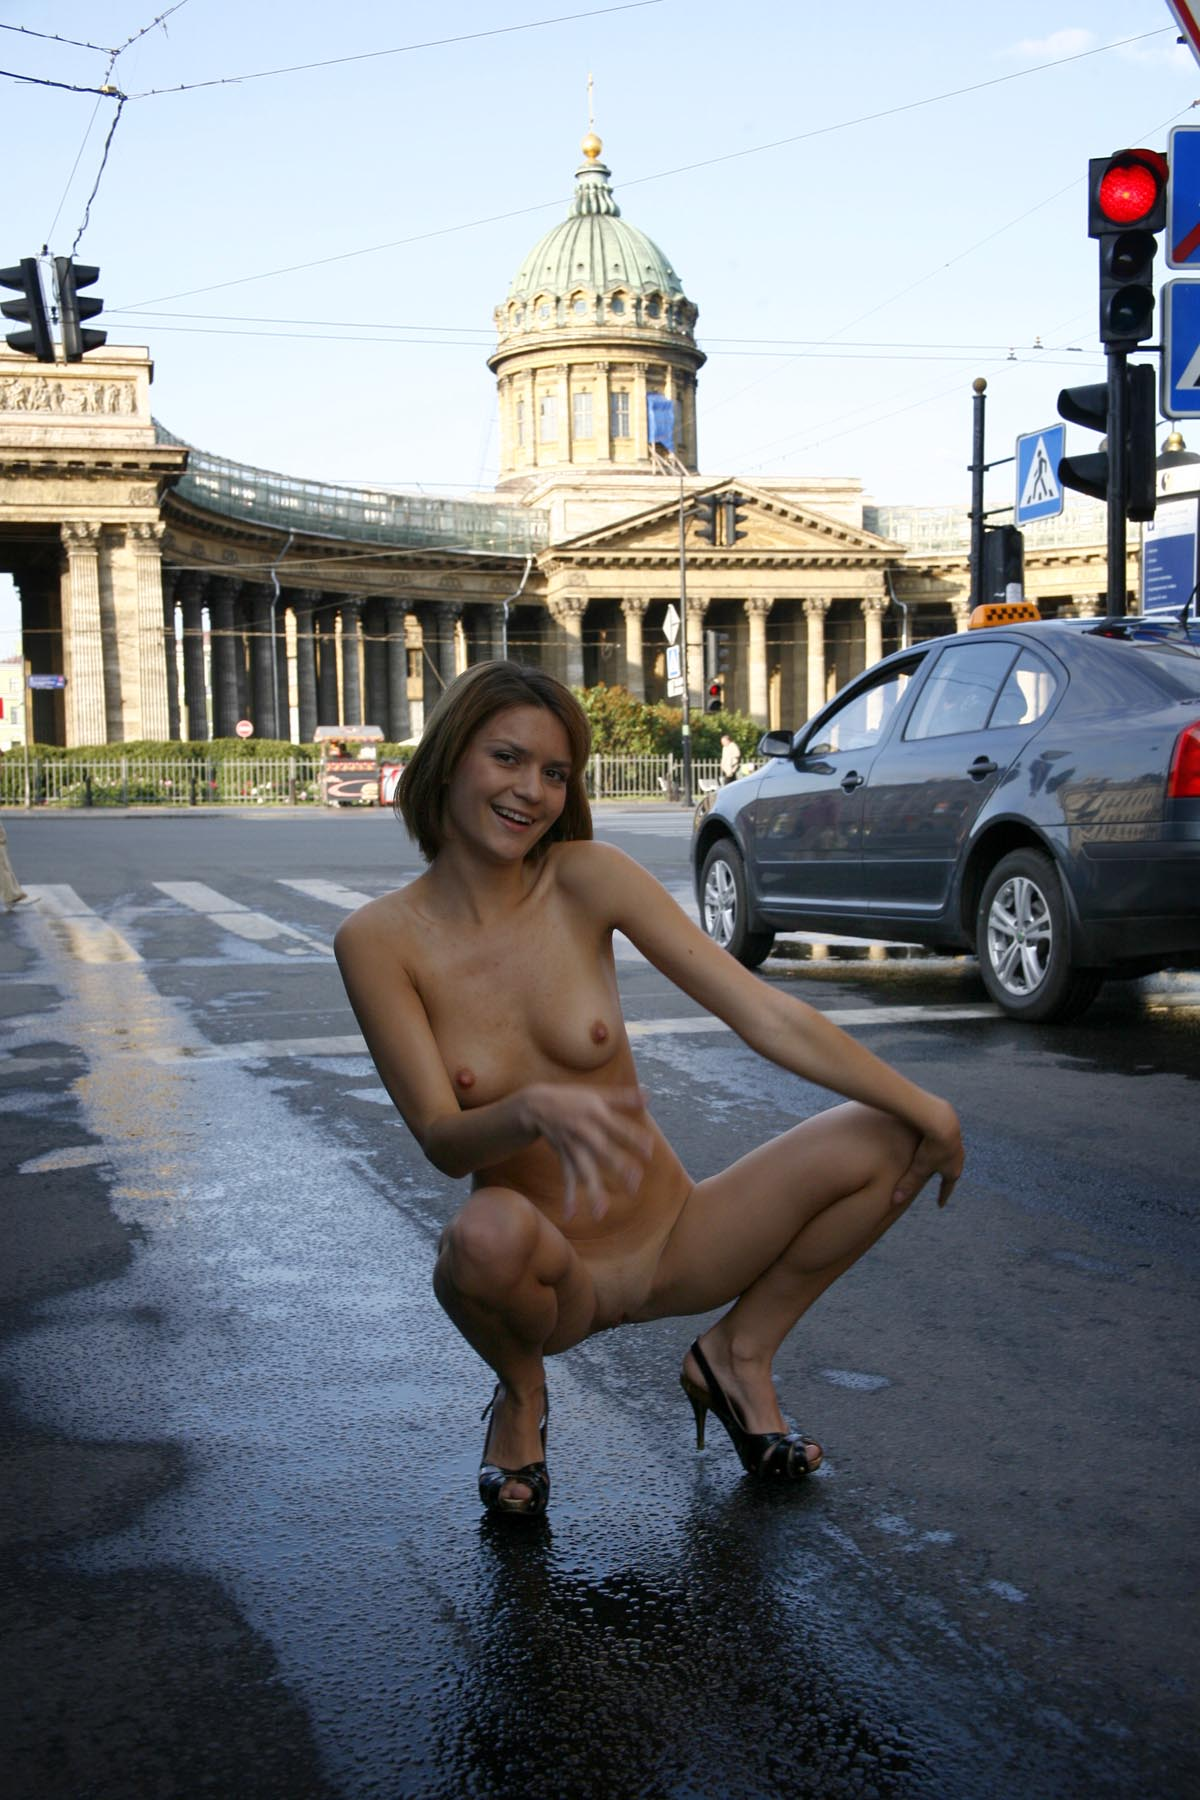 Shameless girl shows her naked body on the streets ...